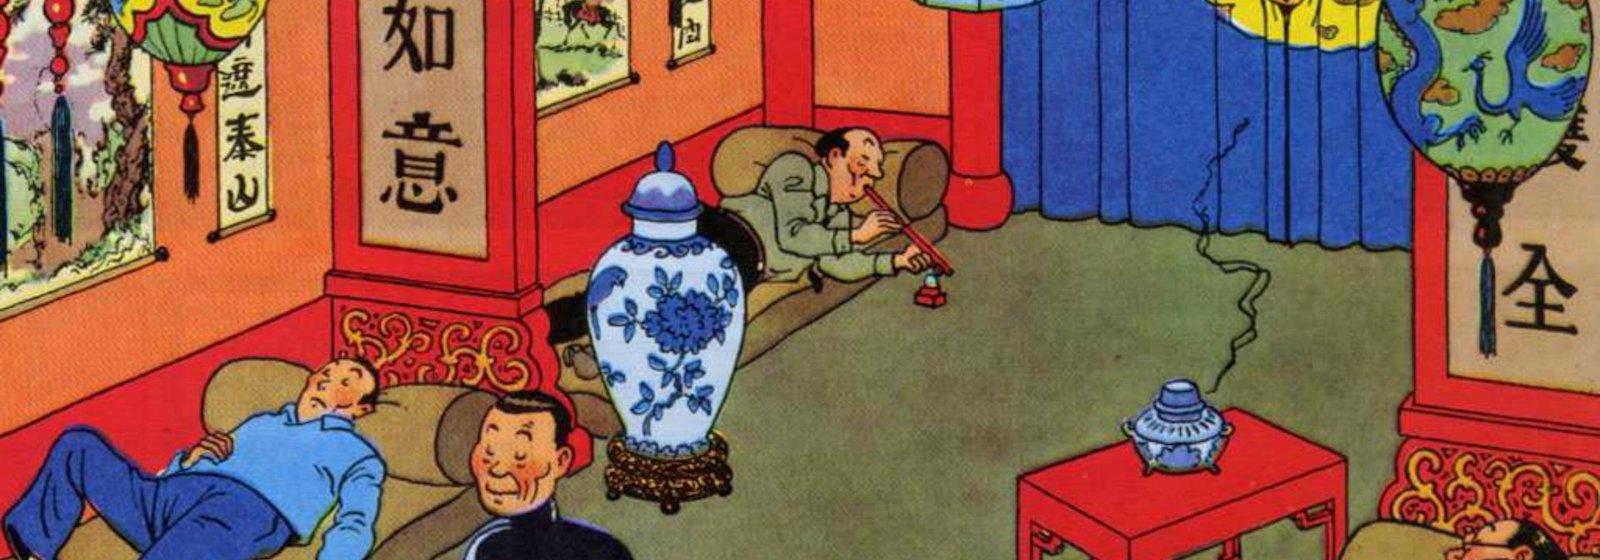 Индустрия греха во владивостокском «чайна-тауне»